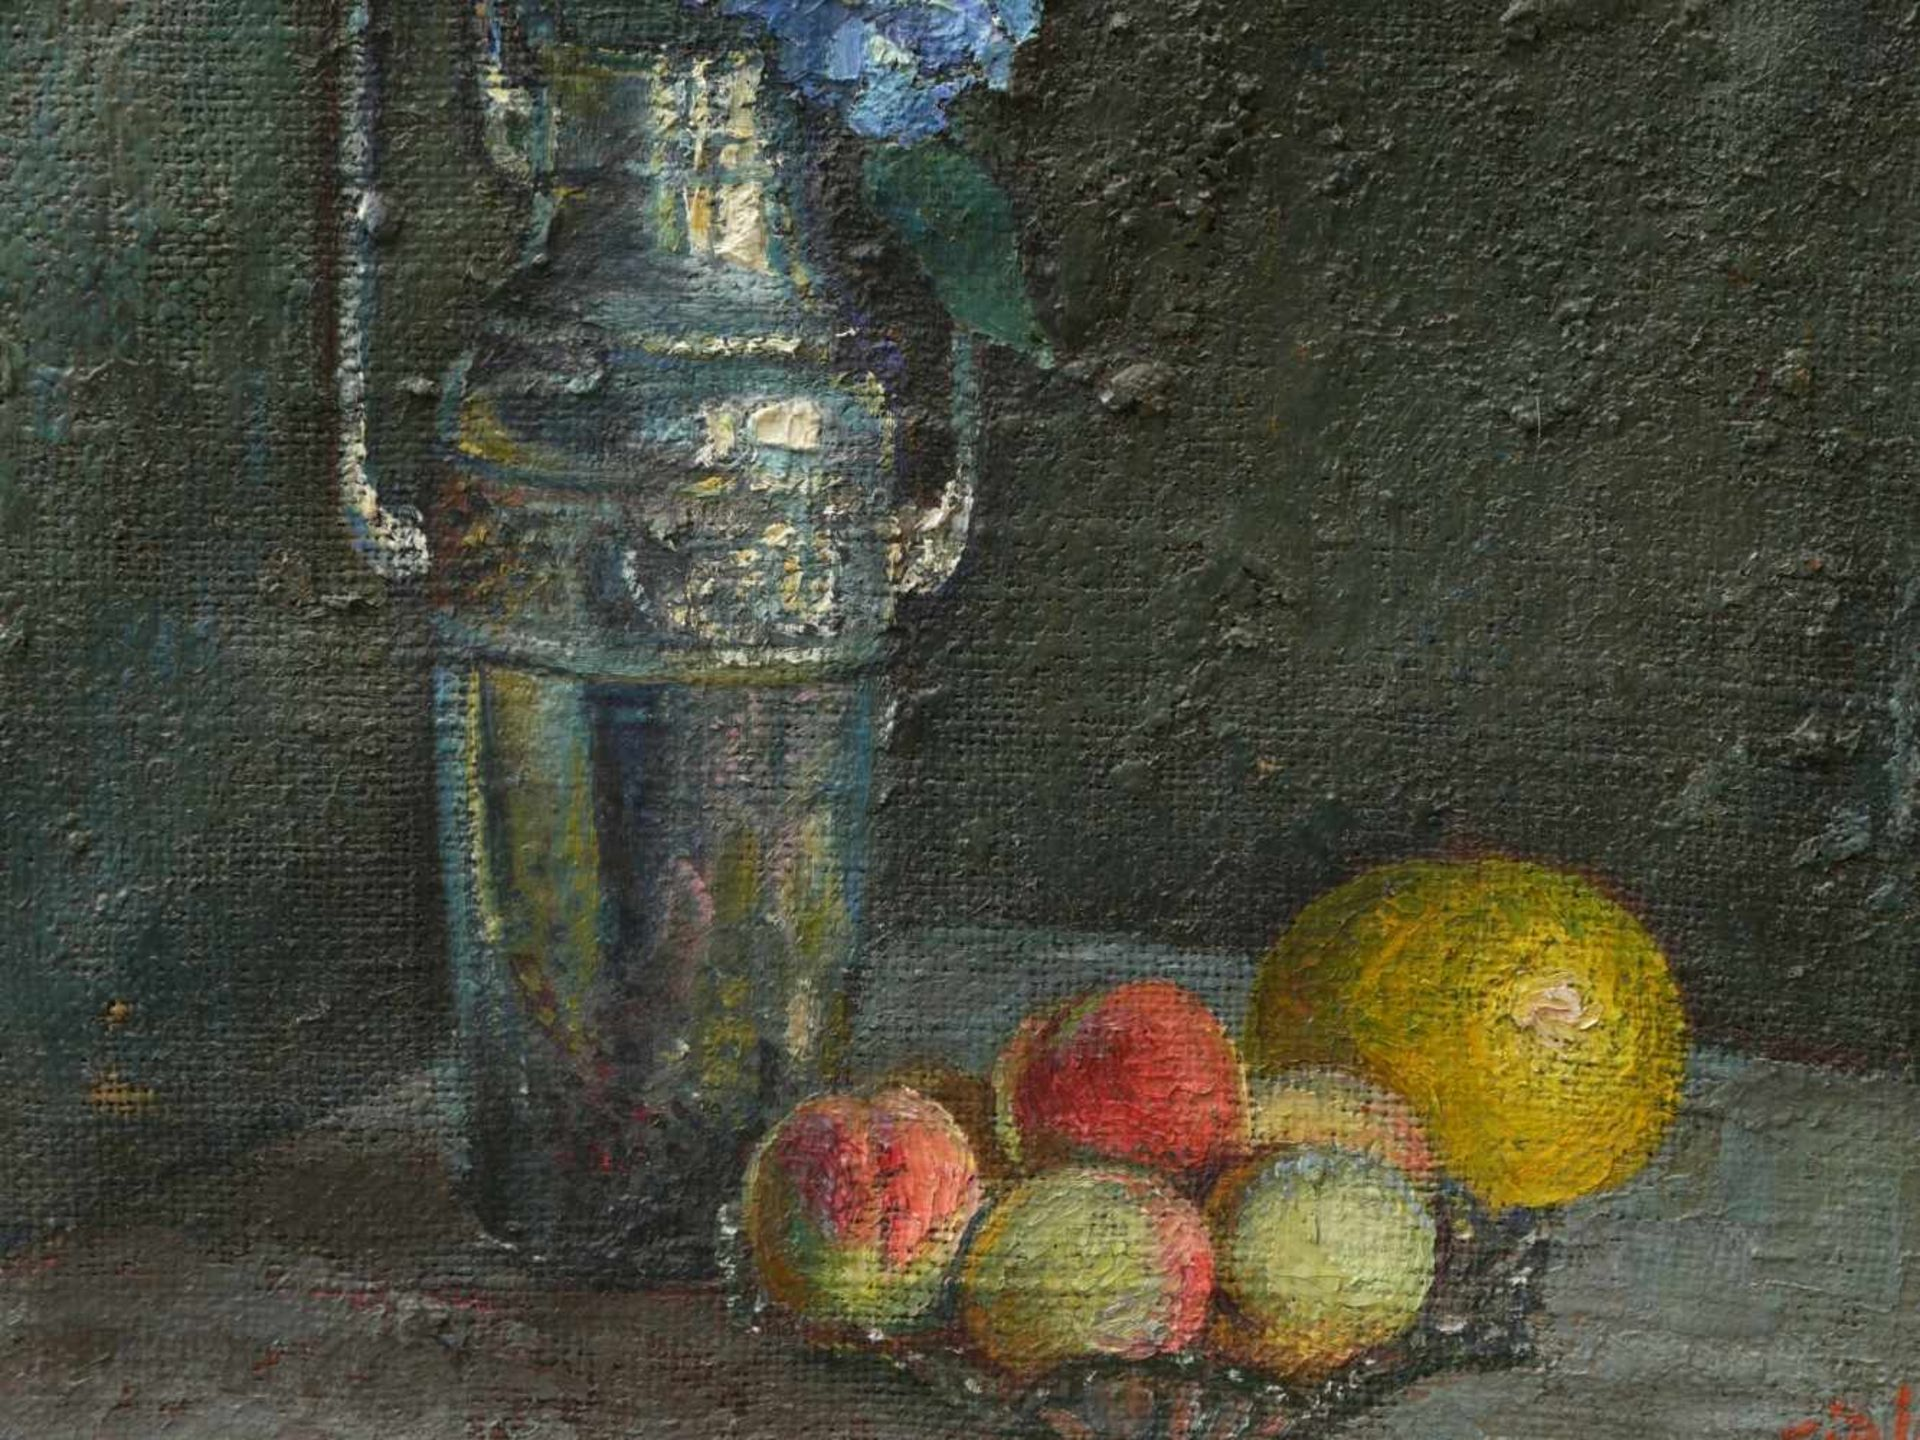 Fiala, Vaclav (1896-1980) - Stillleben mit Vase und FrüchtenAnsicht einer hohen, silbernen - Bild 4 aus 8